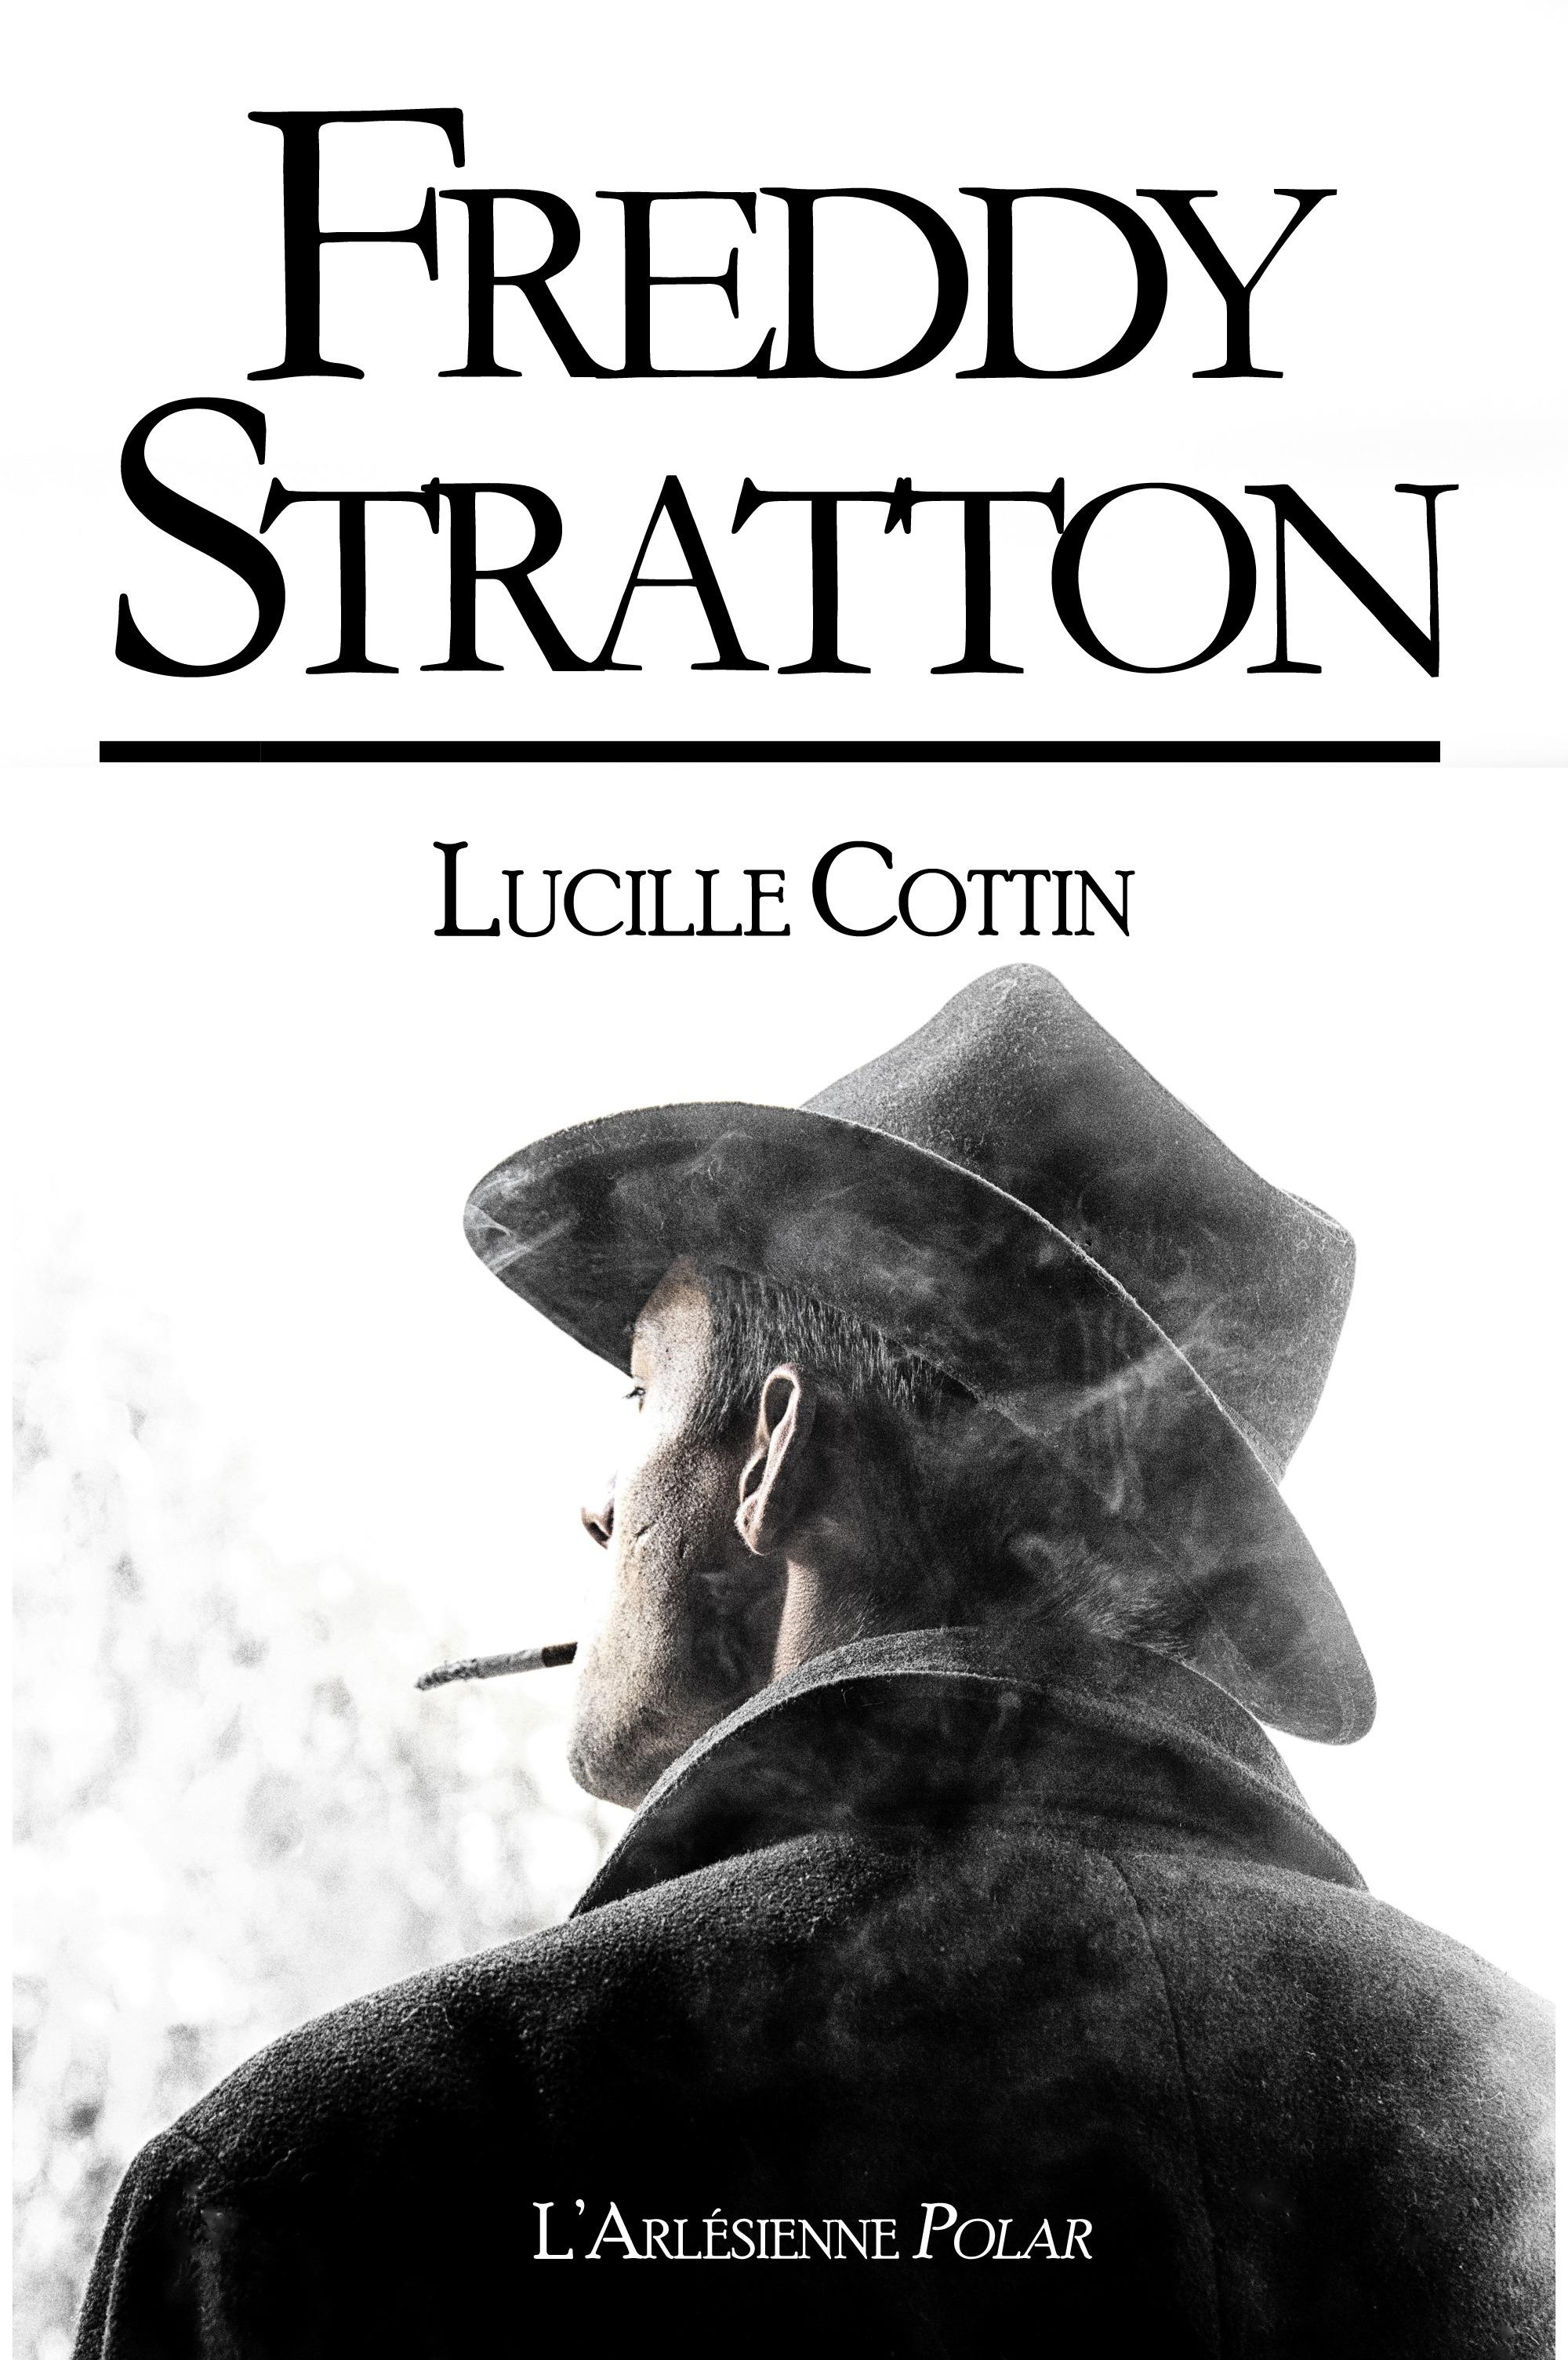 Freddy Stratton, RECUEIL DE 3 ROMANS COURTS,  ÉDITION BLANCHE